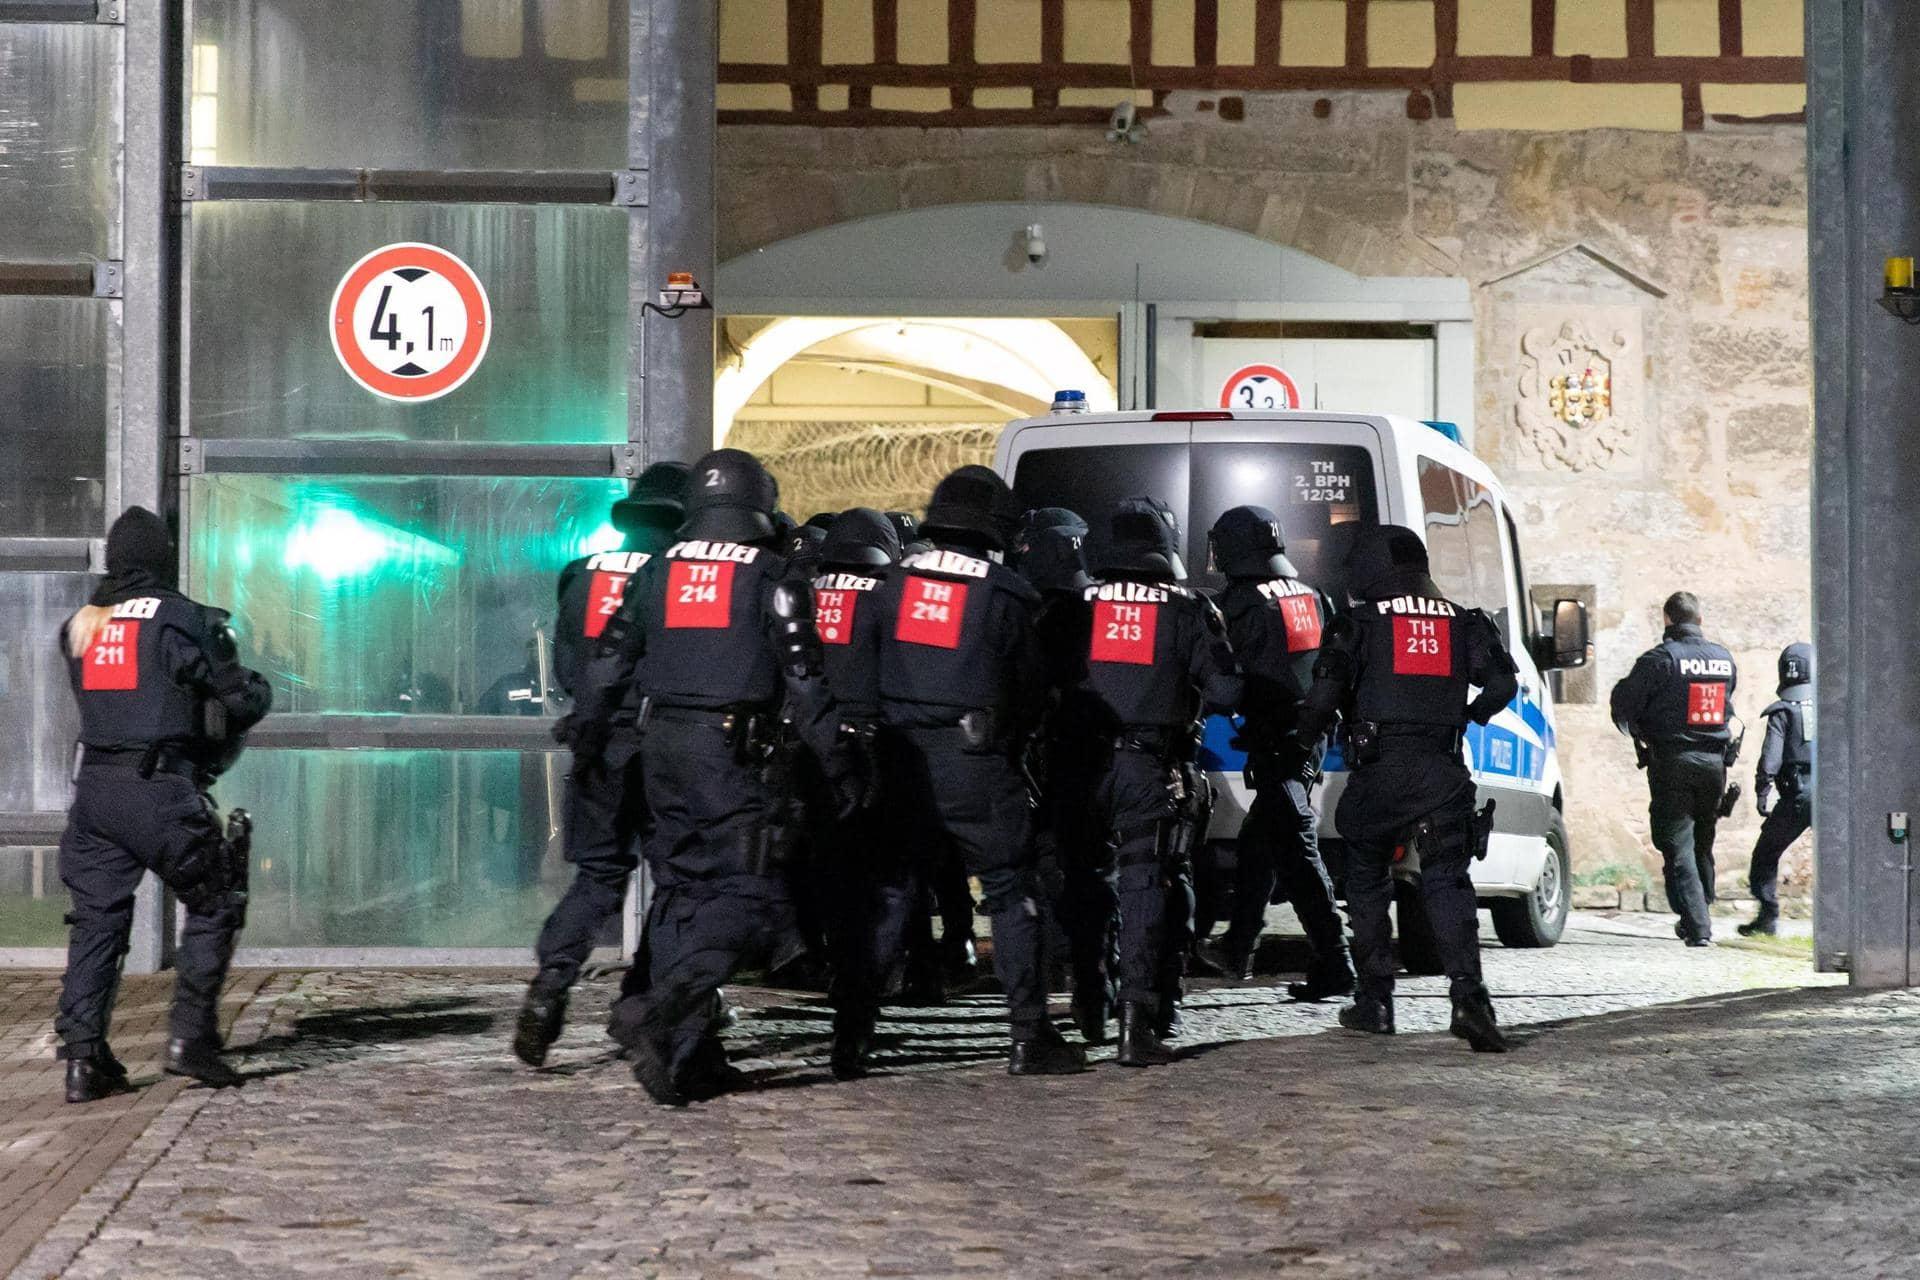 Verletzte bei Gefangenenmeuterei in Thüringer Gefängnis Polizei ermittelt